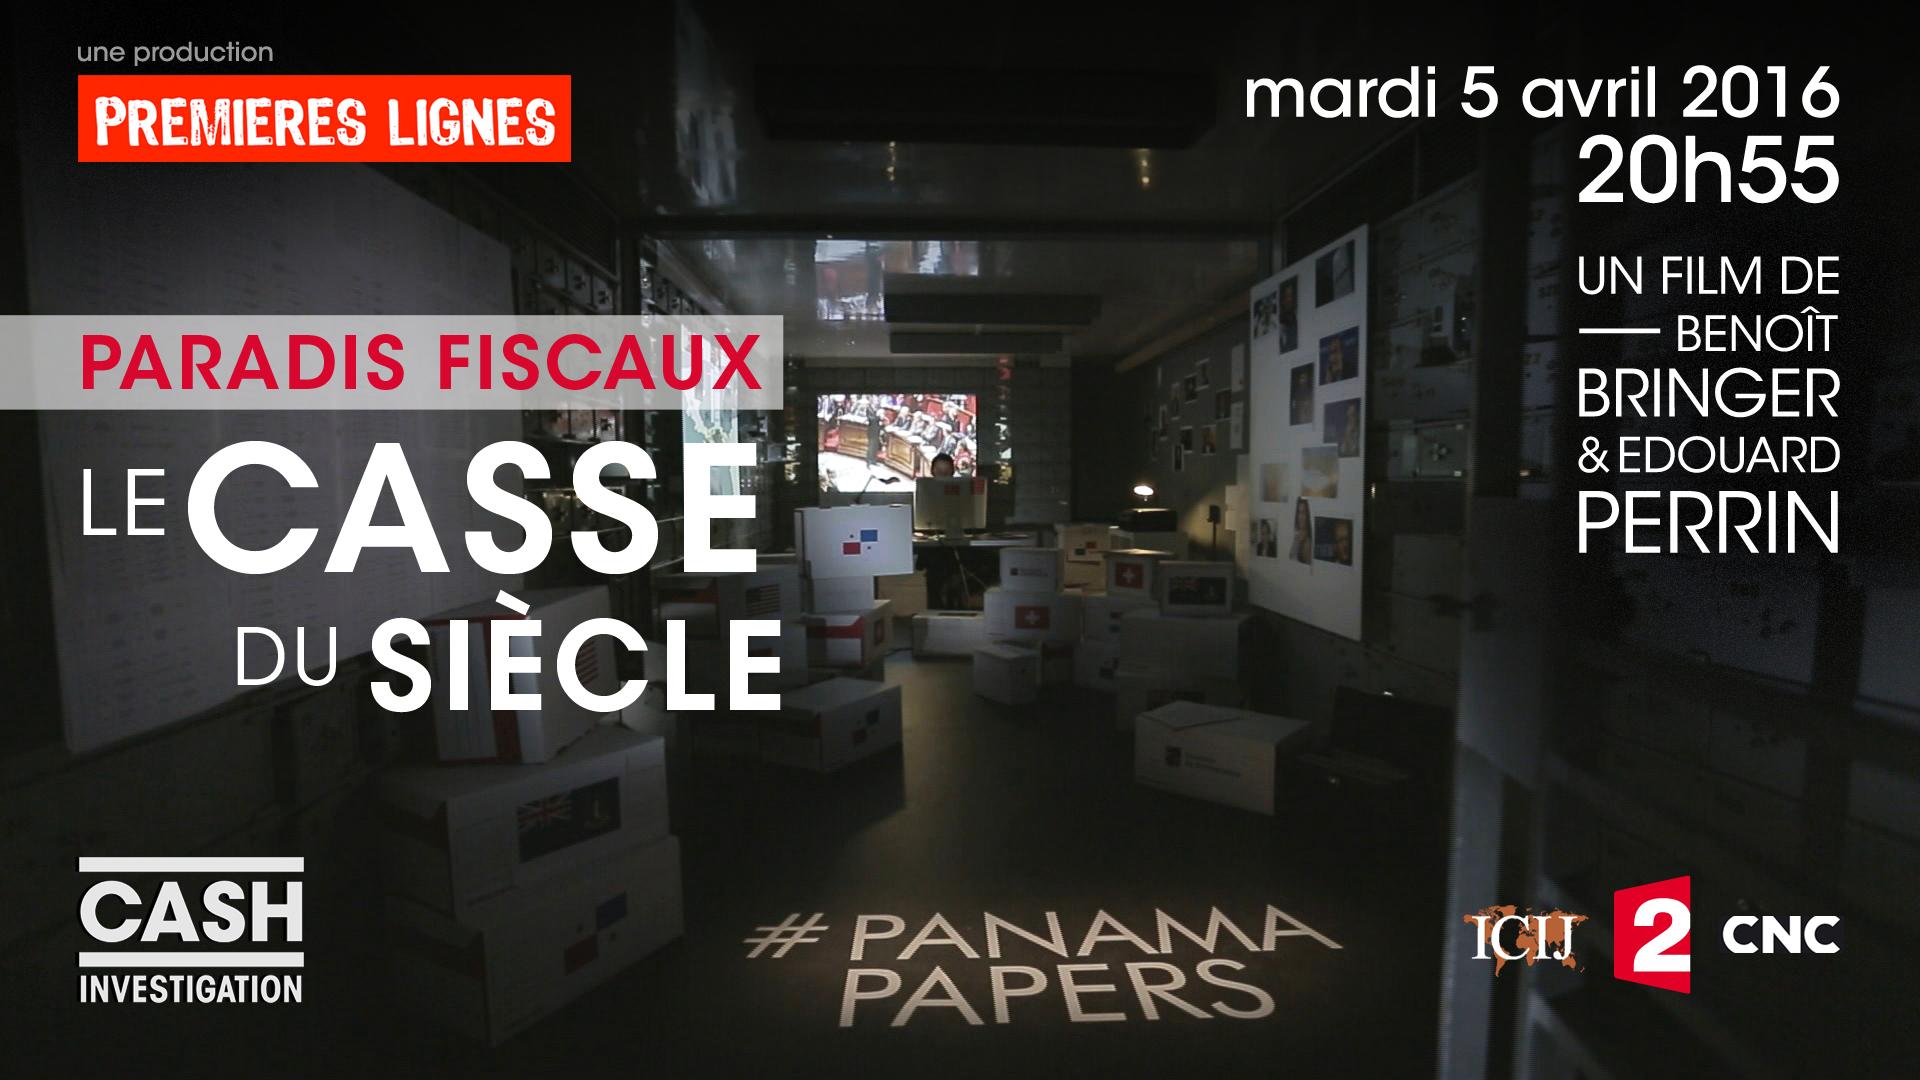 PLTV PARADIS FISCAUX CASH aff1